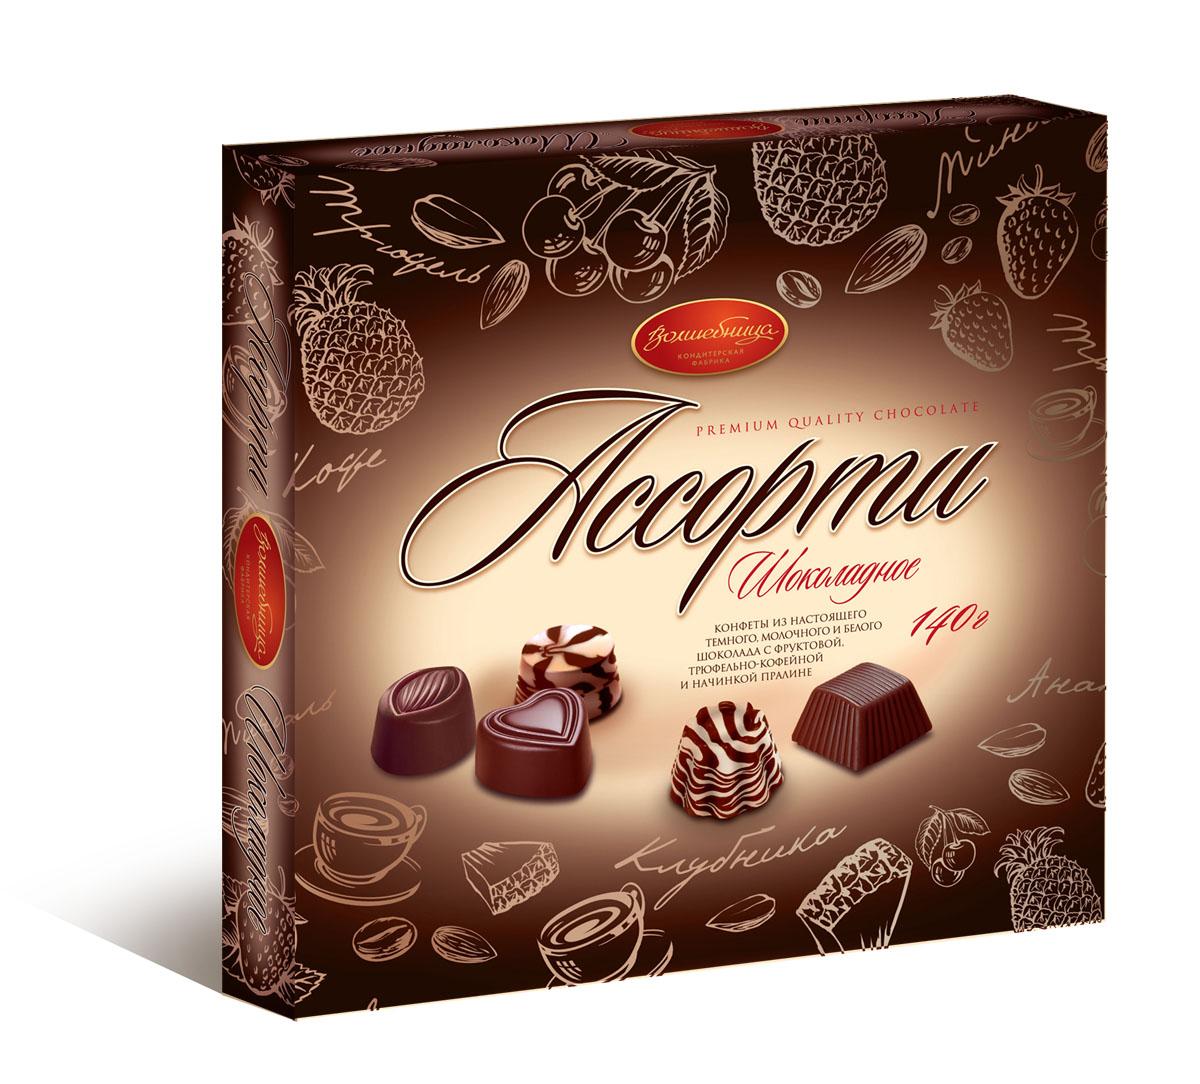 Волшебница конфеты шоколадное ассорти (коричневые), 140 г1.8185Набор шоколадных конфет. Темный и молочный шоколад, разнообразные начинки - ореховое пралине, трюфельный крем, фруктовыми - вишня, ананас, клубника. И все это в мини формате 140 грамм. 100% шоколад, полностью натуральный состав. Подойдет не только для подарка, но и на каждый день для домашнего чаепития или приятных минут в кругу друзей.